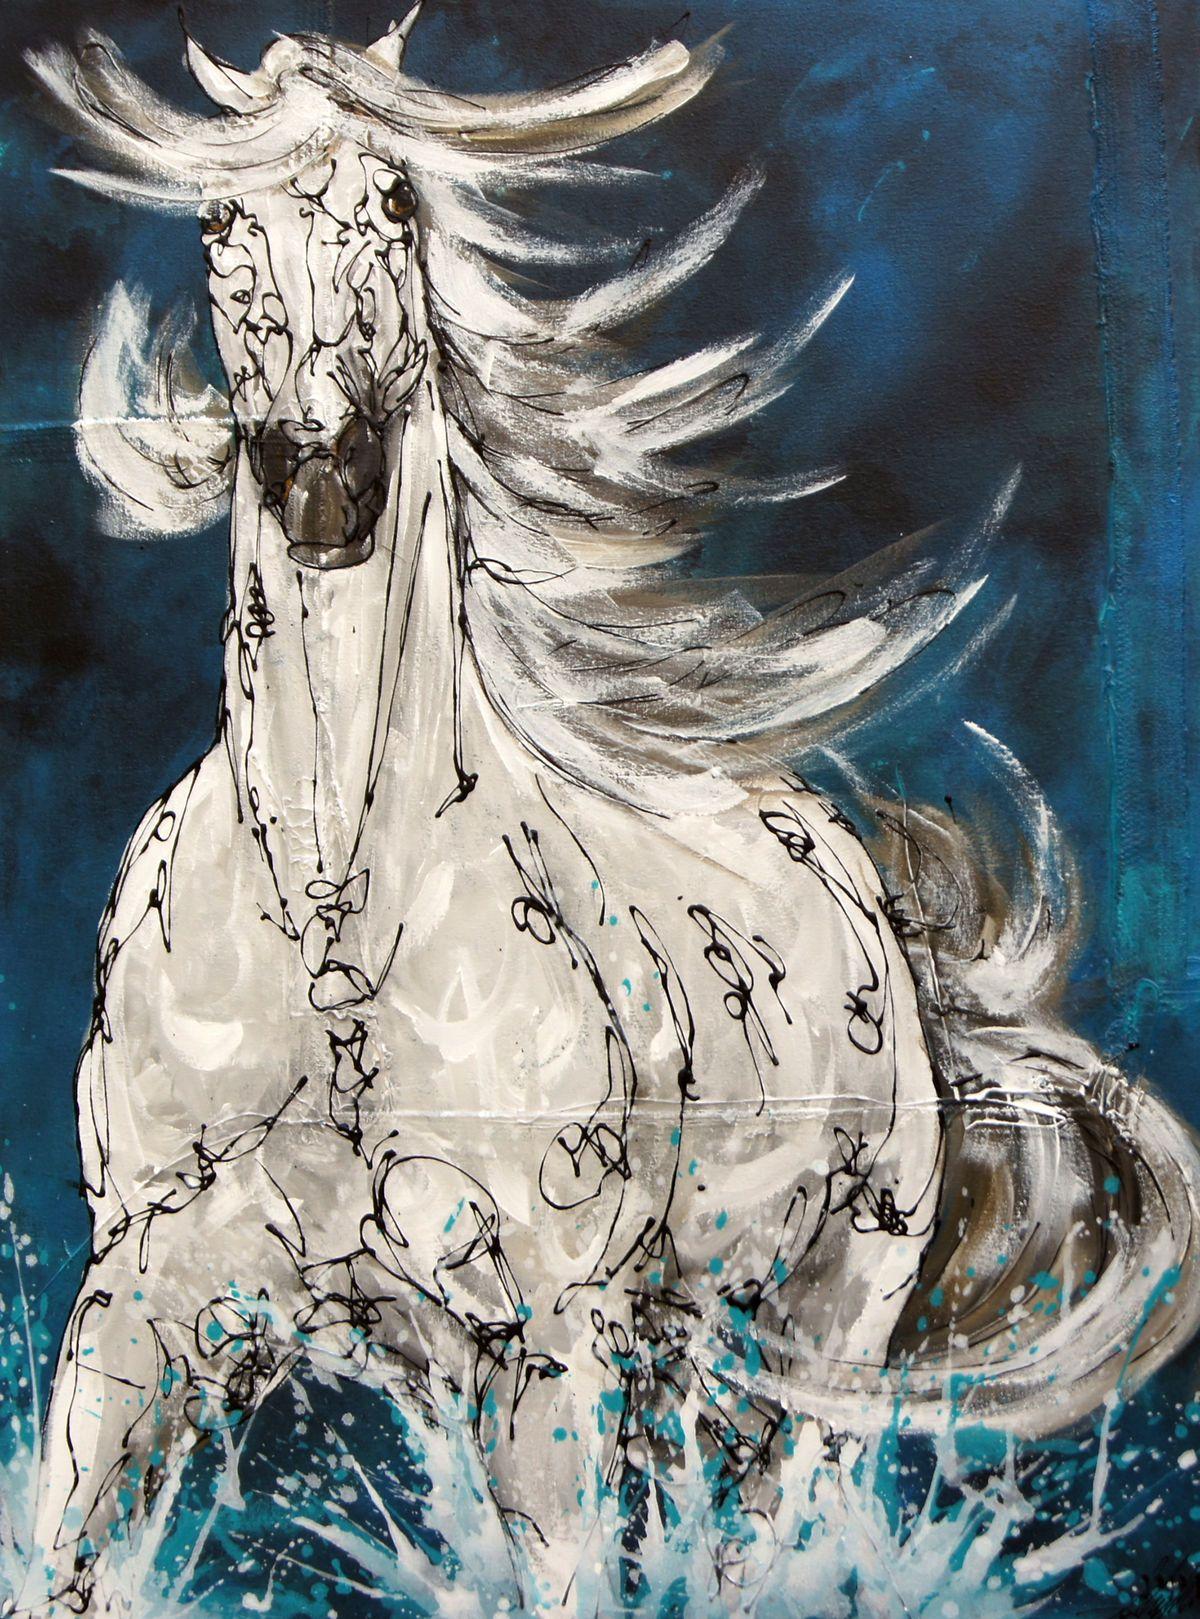 Brigitte Lafleur Artiste Peintre - Google Search | Artist encequiconcerne Dessin Artiste Peintre